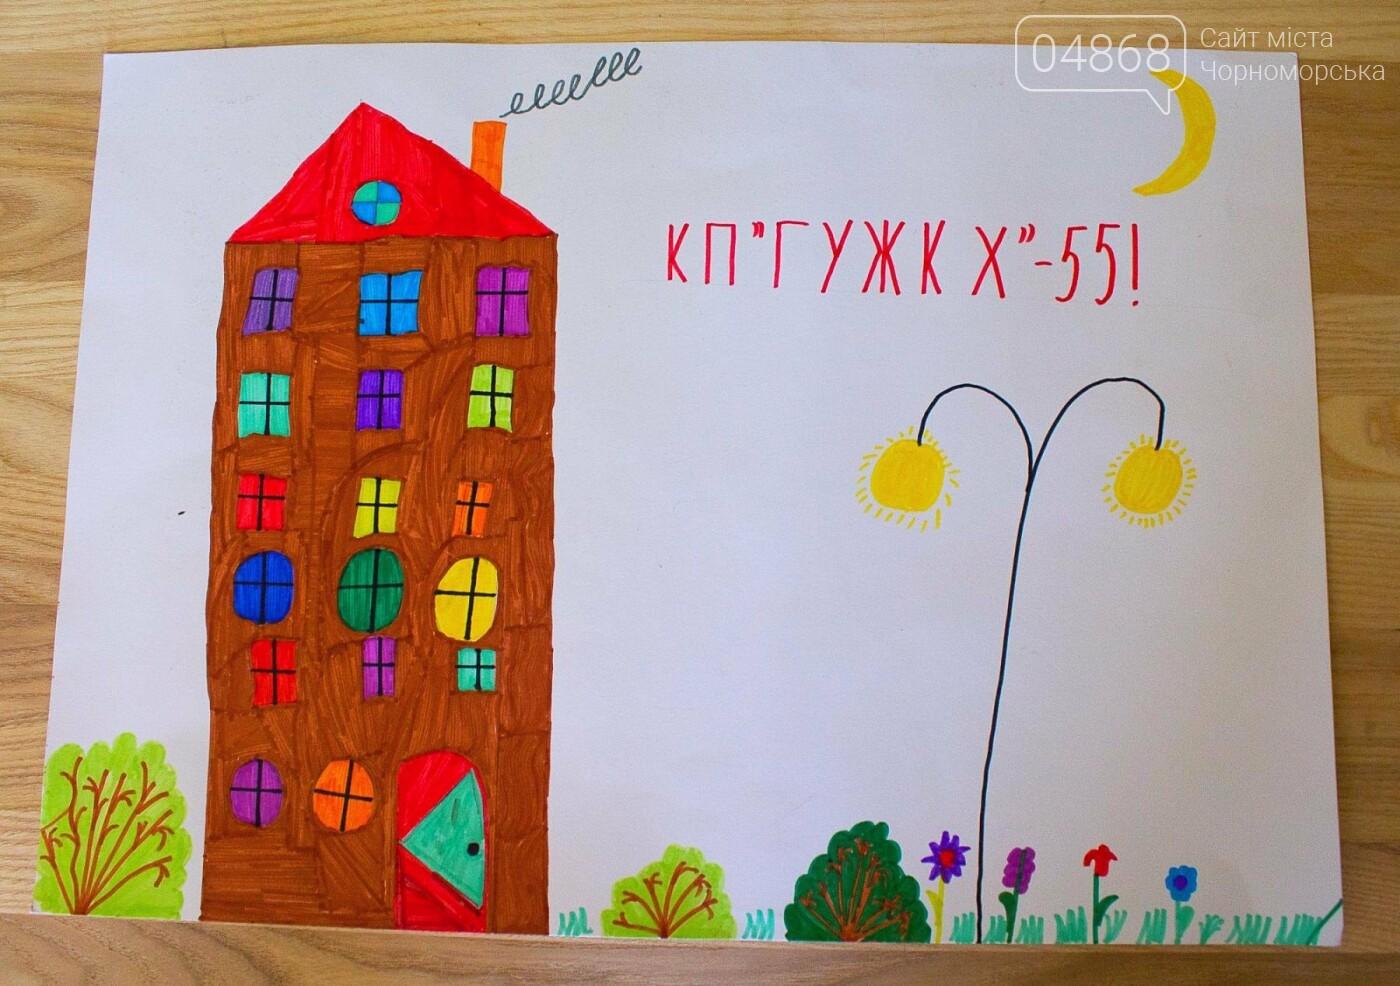 КП «ГУЖКХ» объявило о проведении конкурса детских рисунков, фото-1